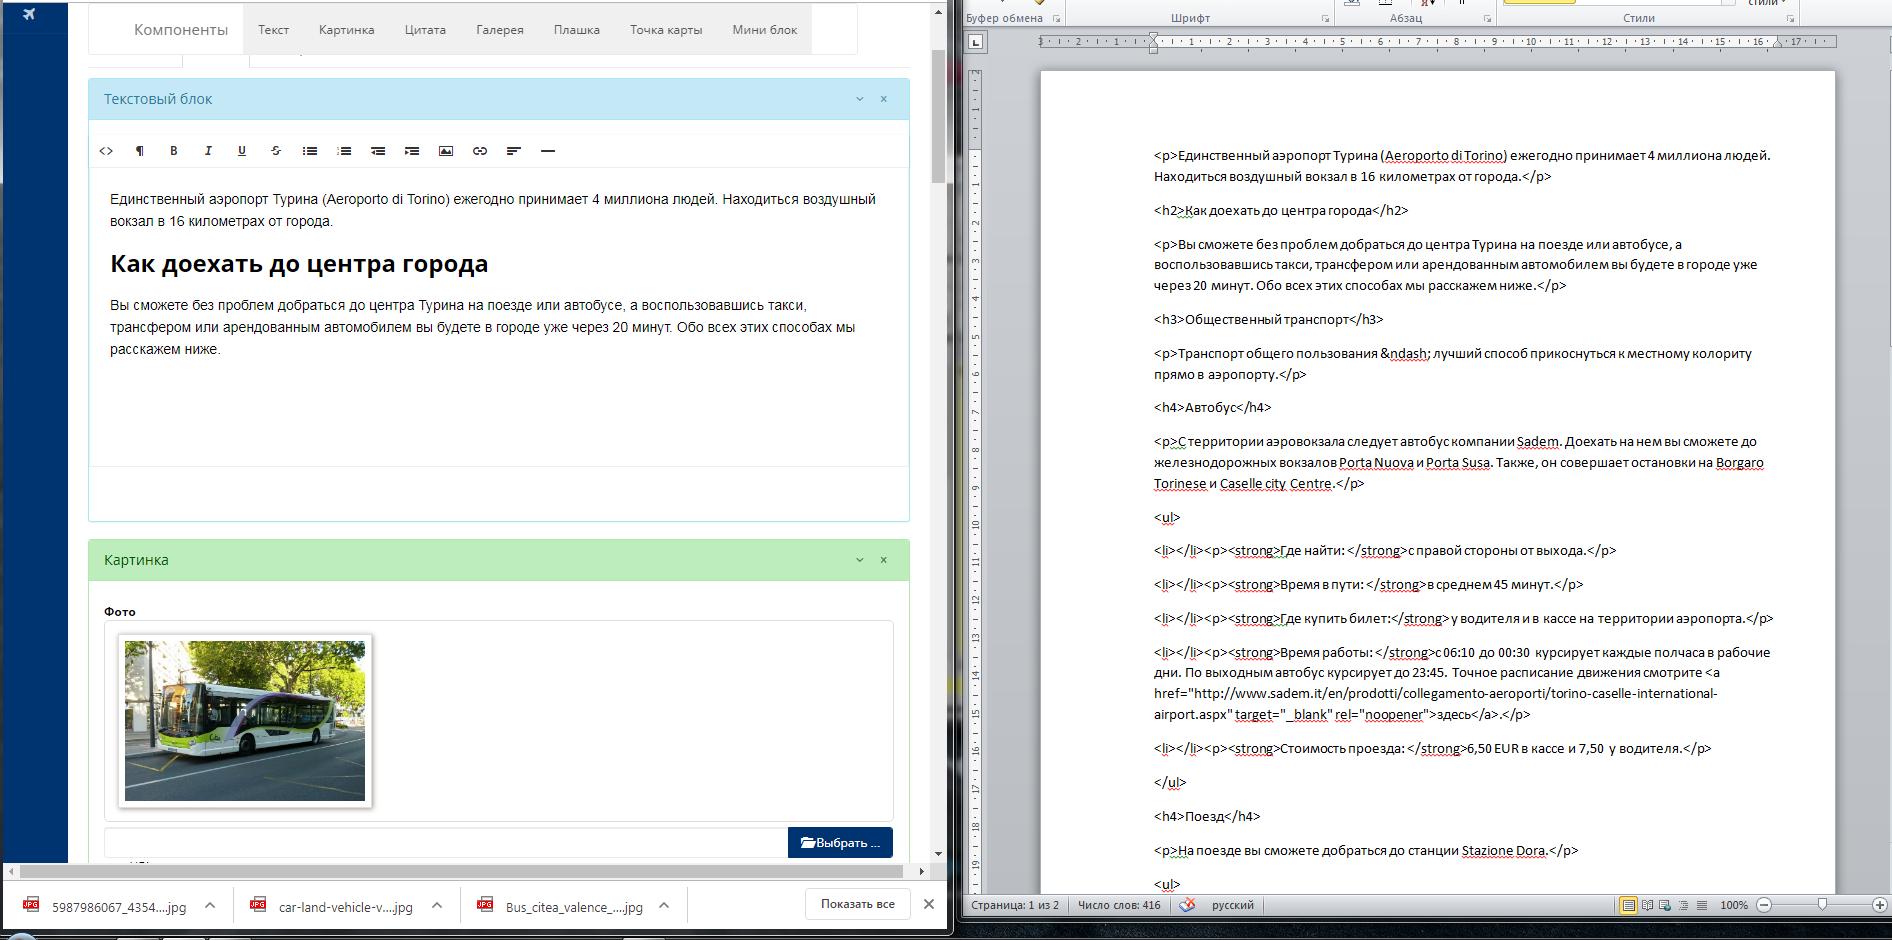 Фото Наполнение сайта с информацией для туристов. Создание лендингов, работа с HTML-тегами, поиск фото, перевод текста.